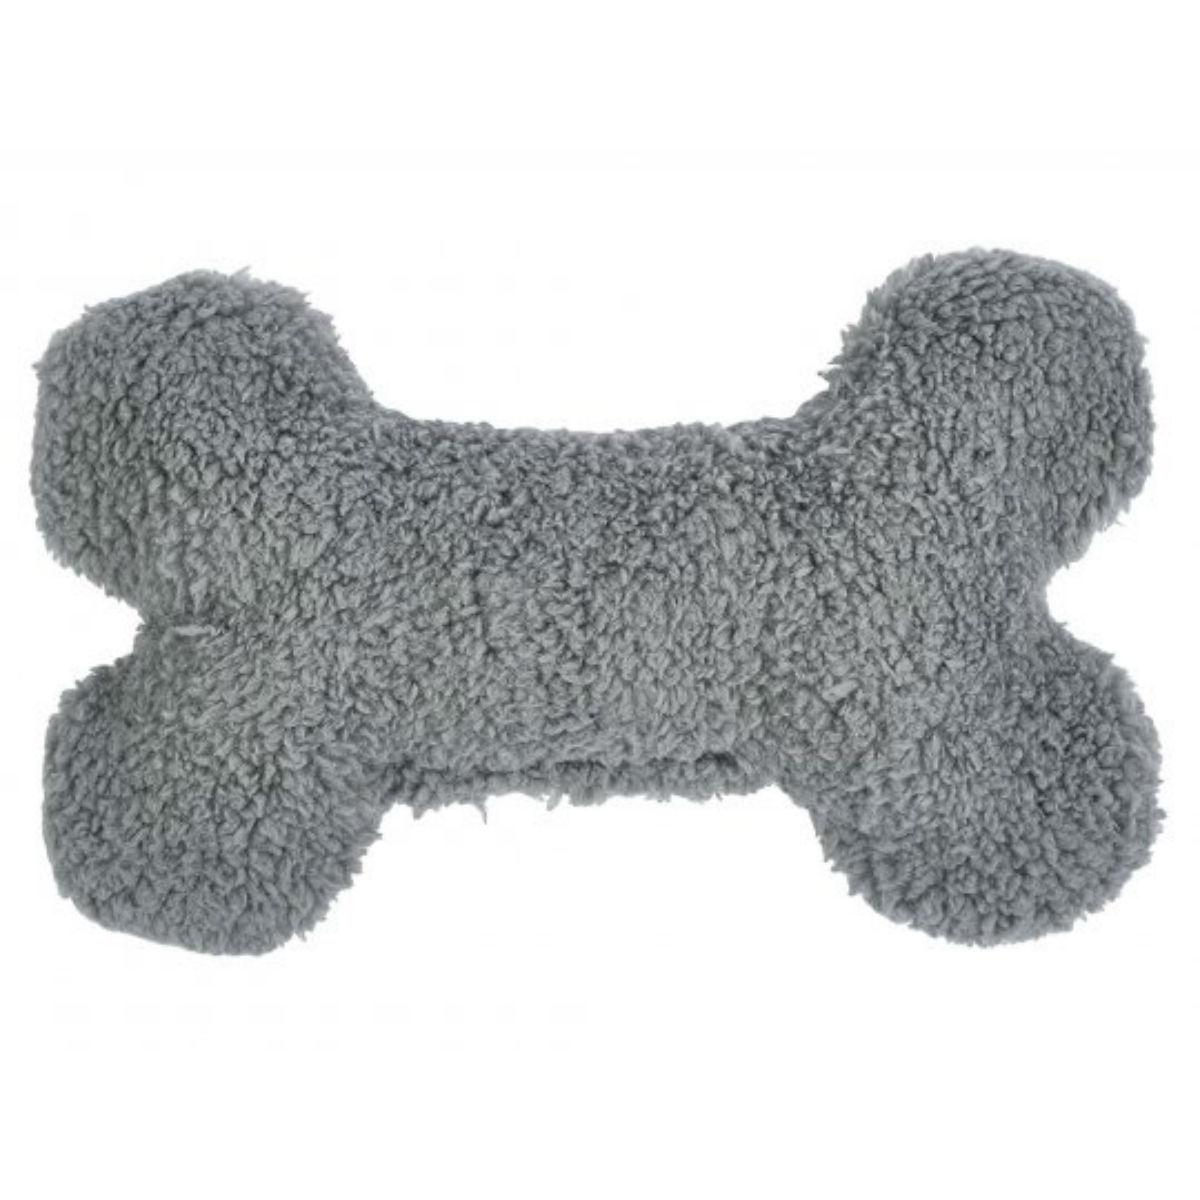 Big Sky Bone Dog Toy by West Paw - Oatmeal